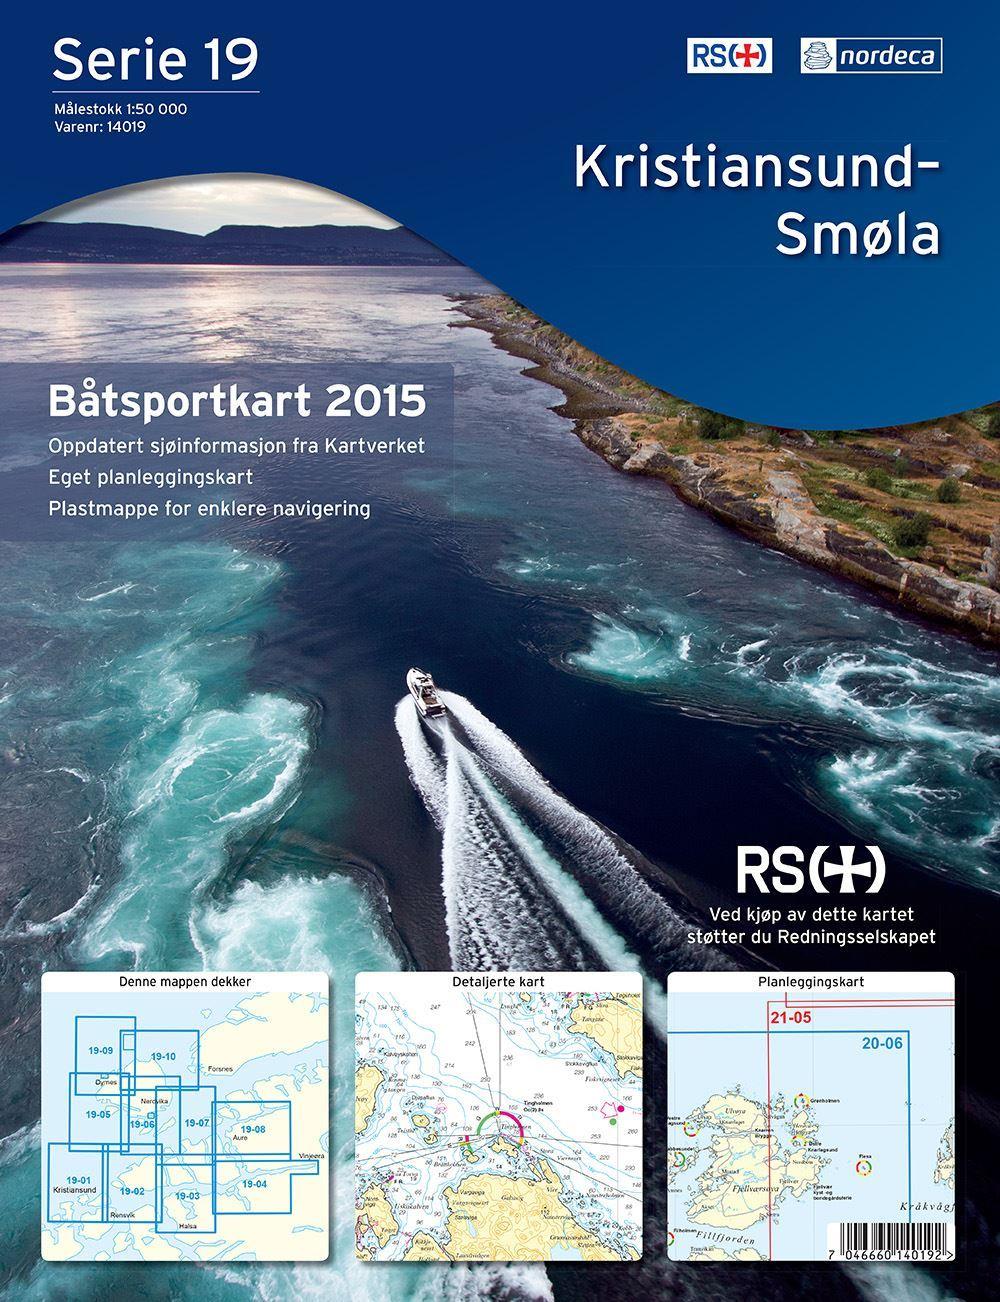 Bilde av Båtsportkart Serie 19 Kristiansund-Smøla